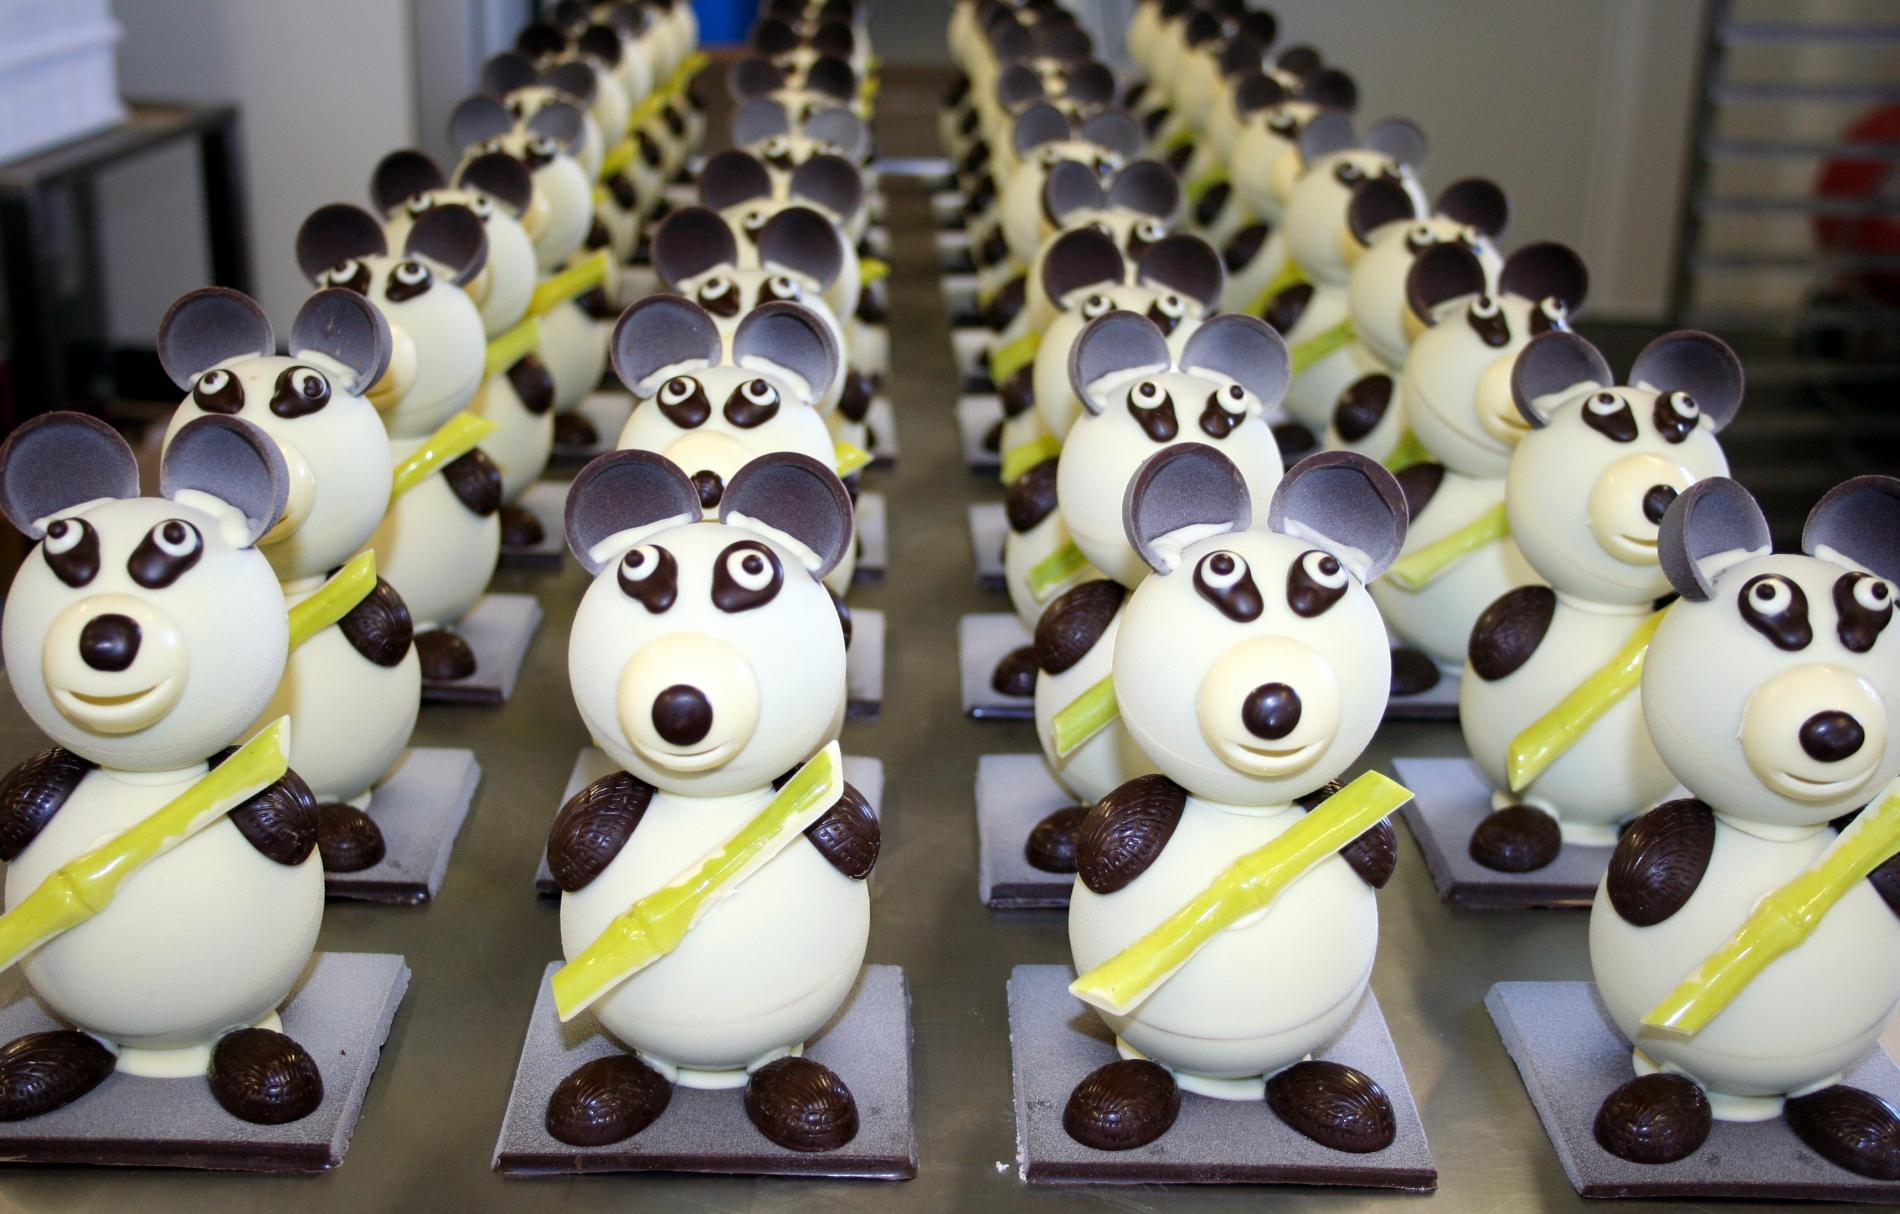 Notre armée de Pandas a rencontré un succès fou dans notre boutique pour Pâques